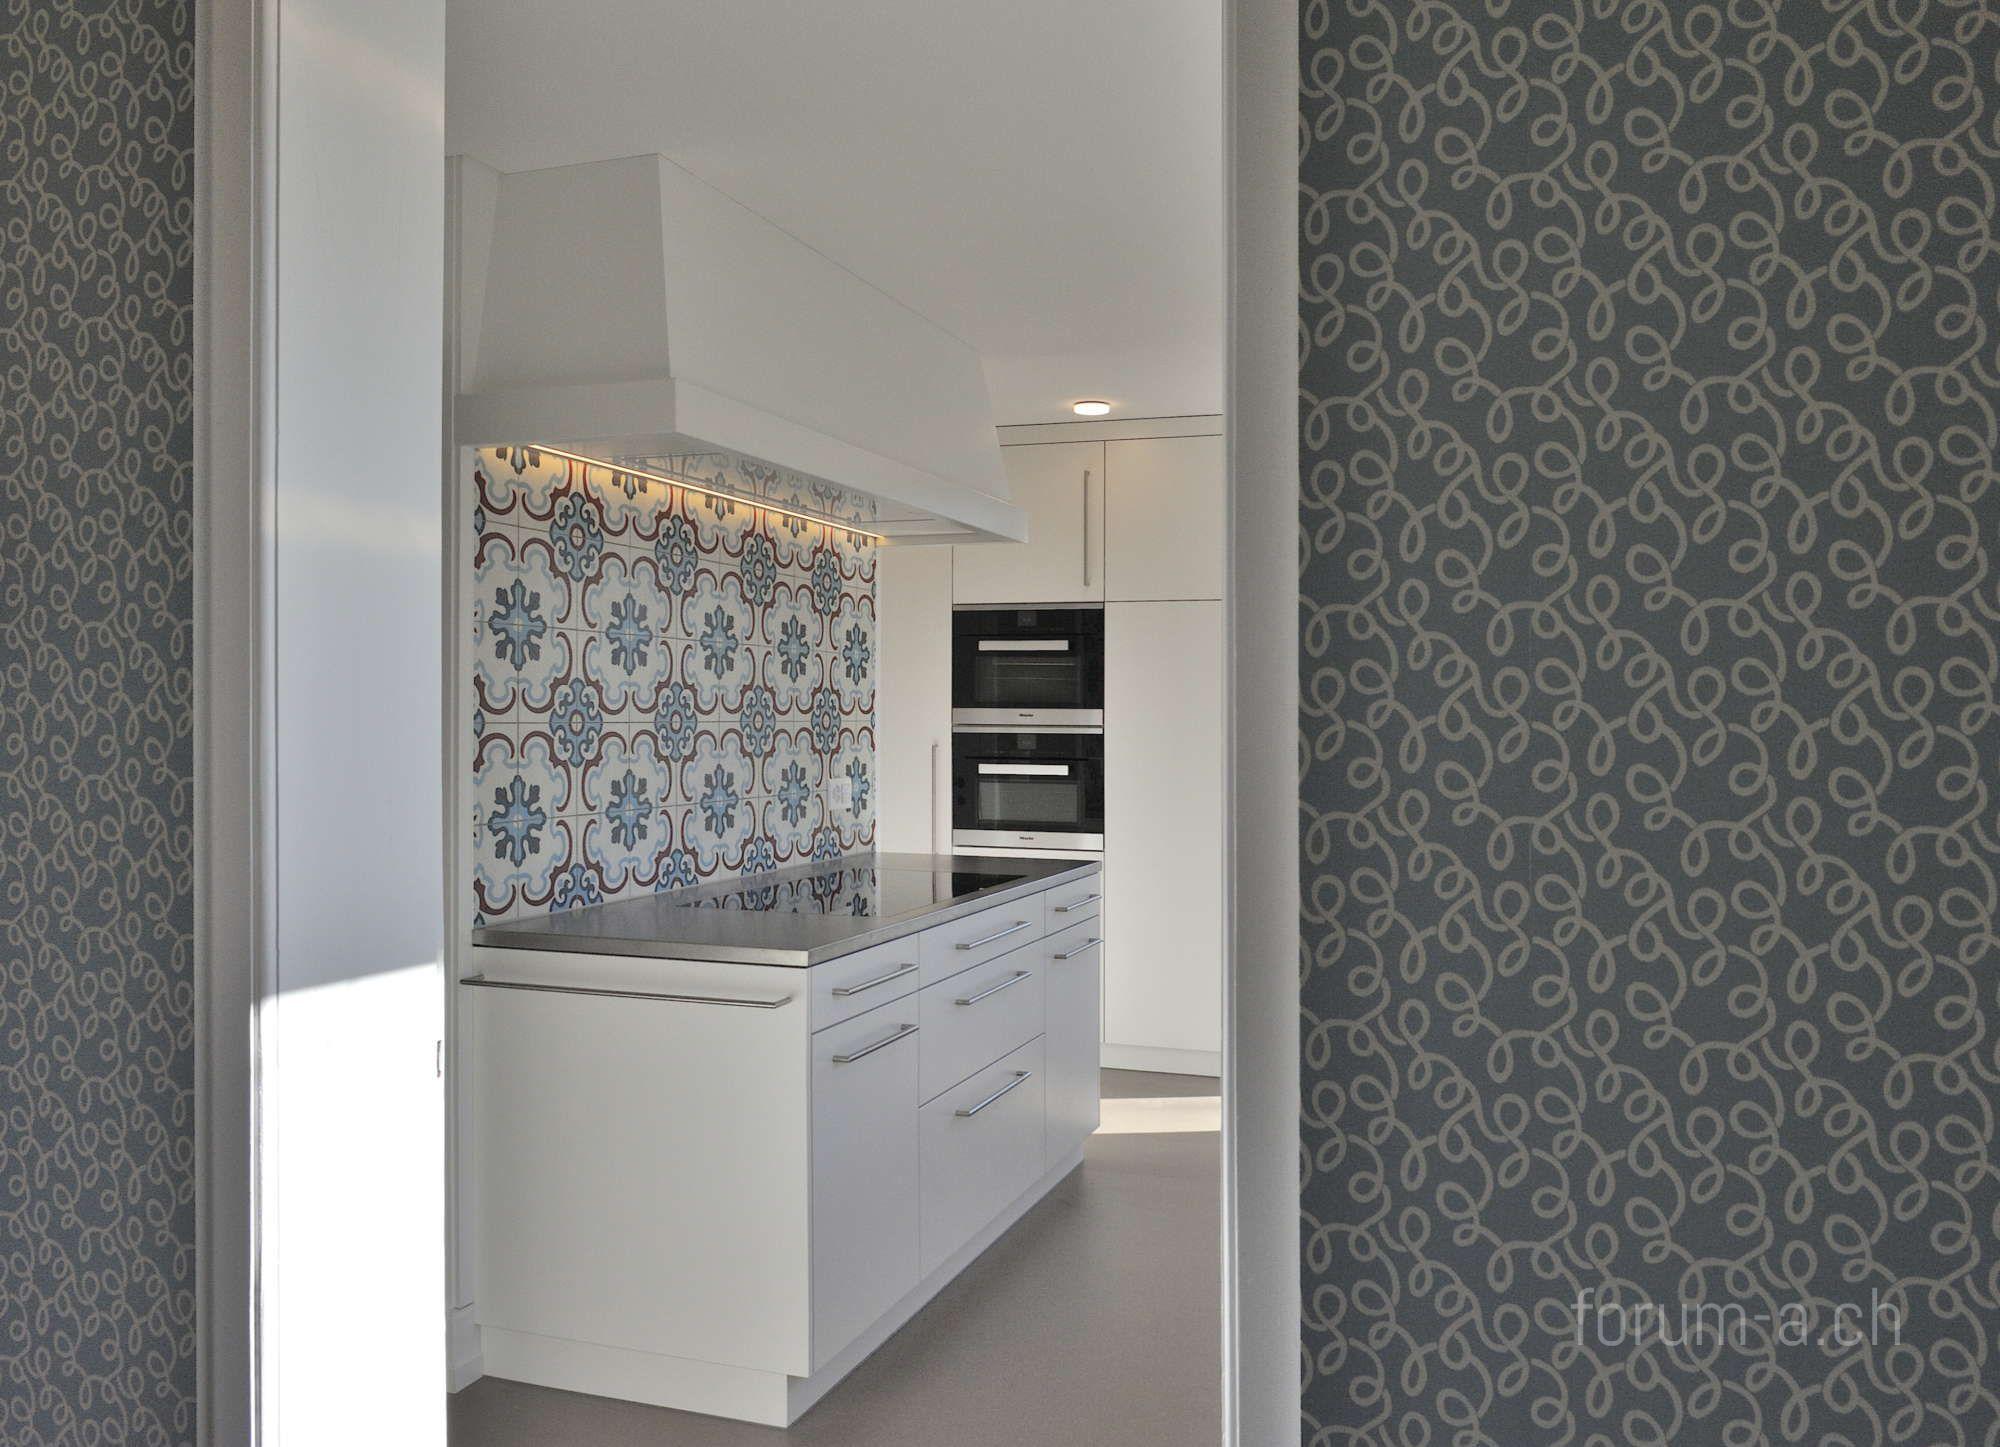 Ungewöhnlich Küche Umbau Schritte Fotos - Ideen Für Die Küche ...